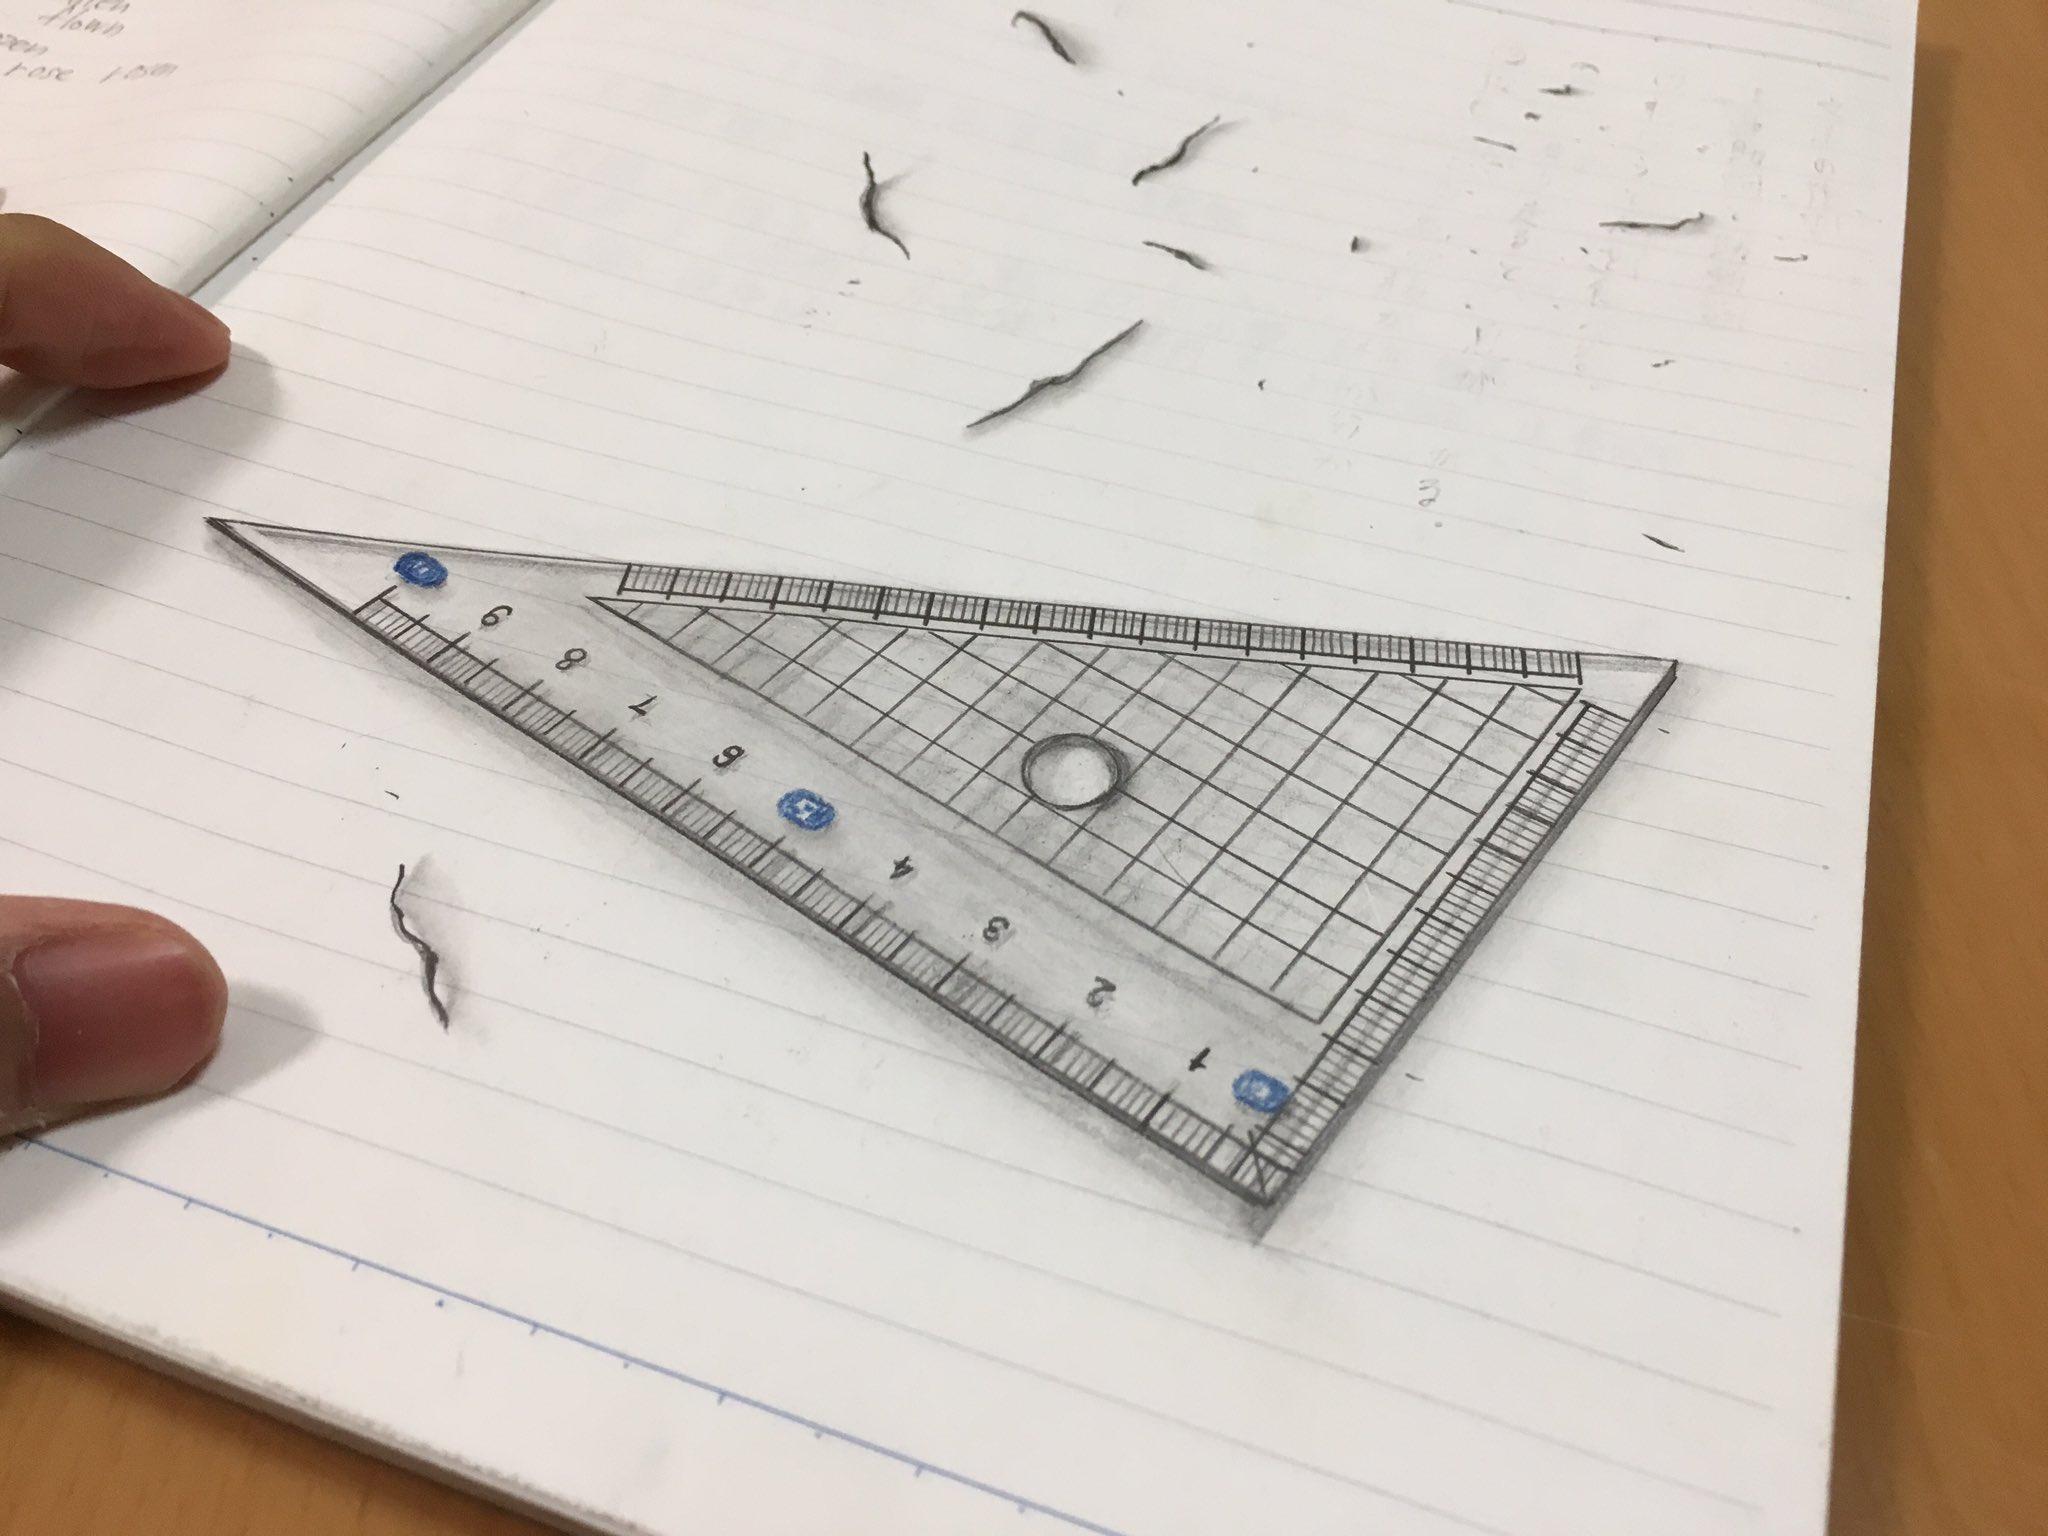 中学3年生(15歳)の時描いた三角定規と、現在(19歳)の僕が描いた三角定規。 ちなみに1枚目、消しかすも描きました。